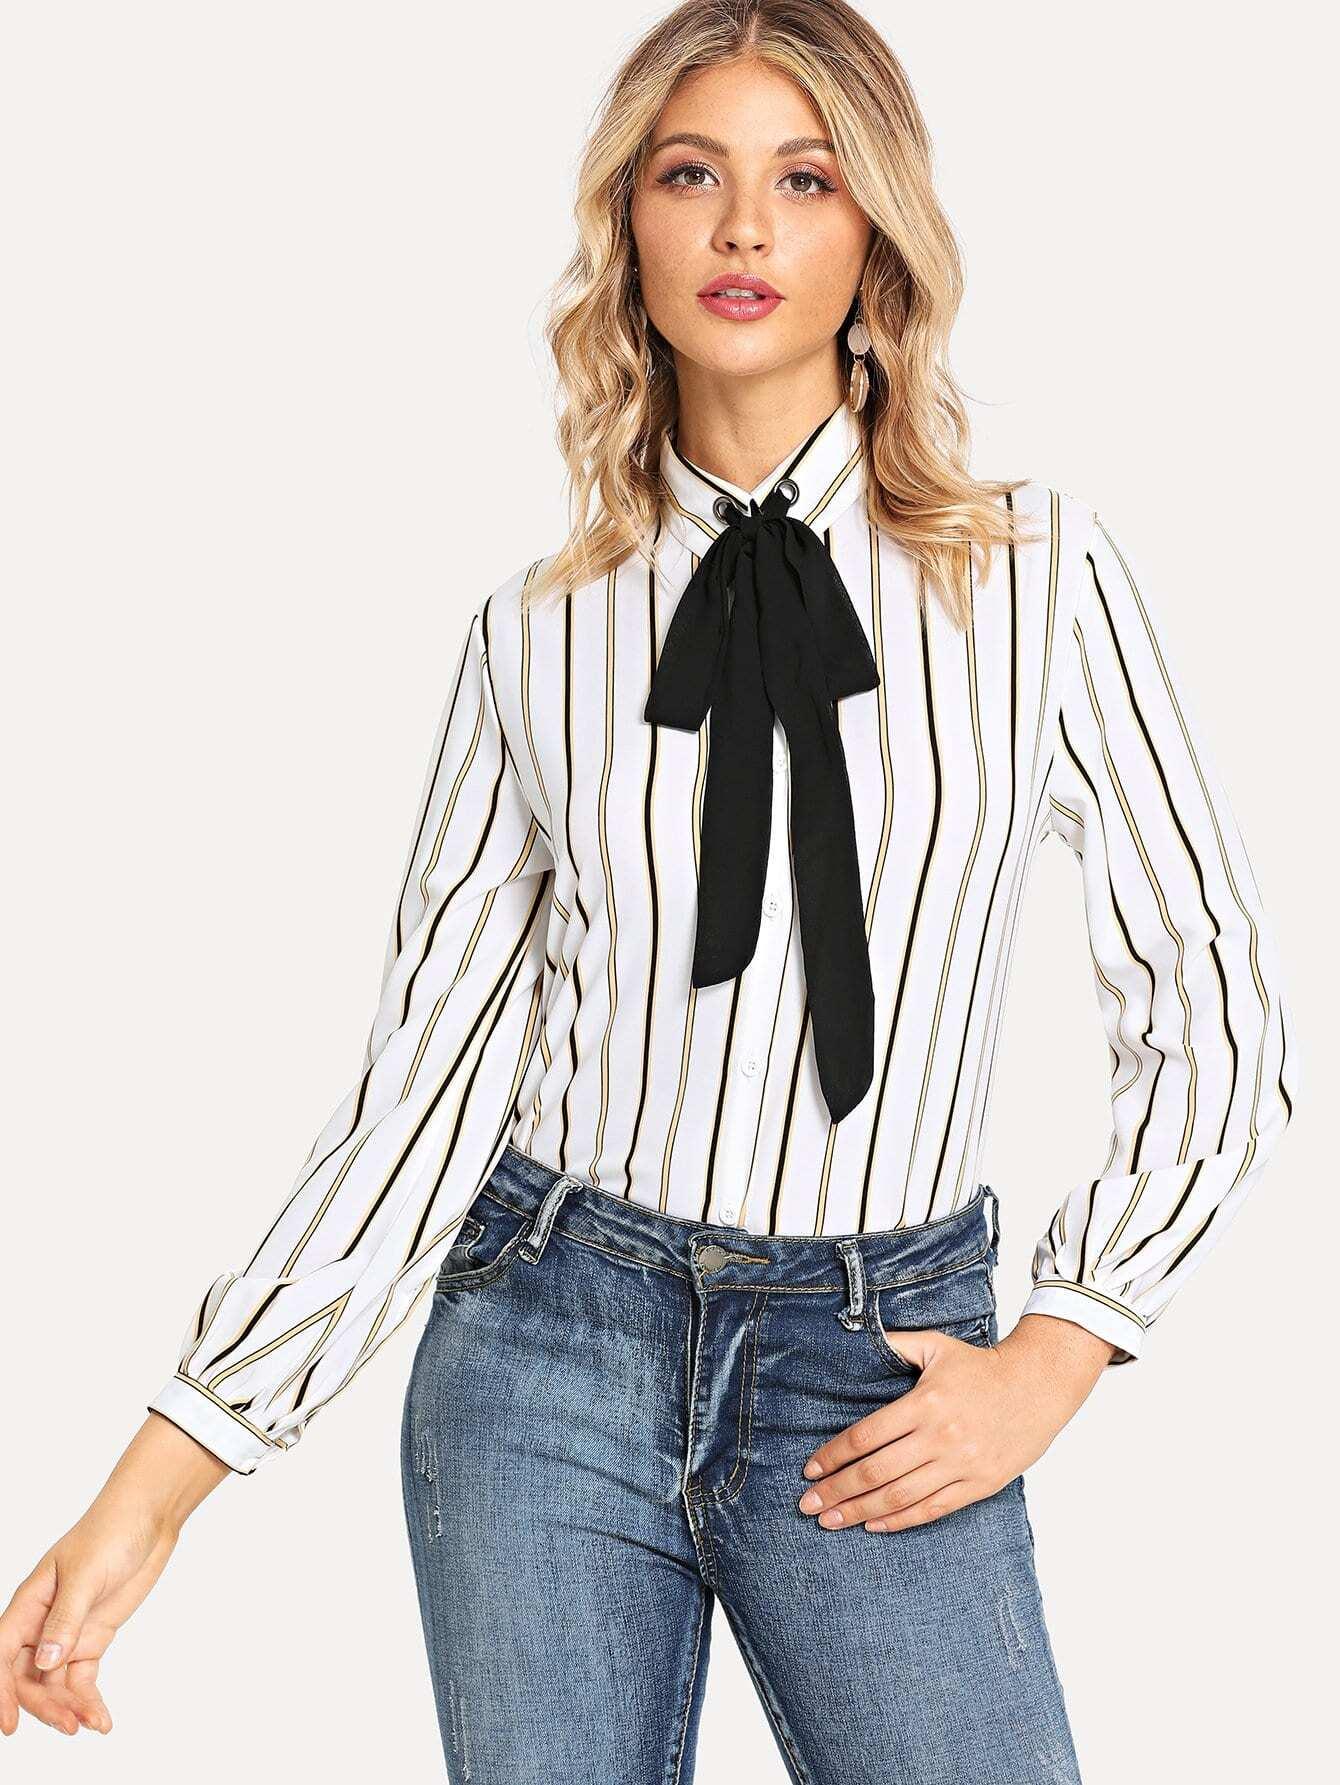 Купить Белый воротник-бант Полосатый Кокетливый стиль Блузы+рубашки, Nathane, SheIn